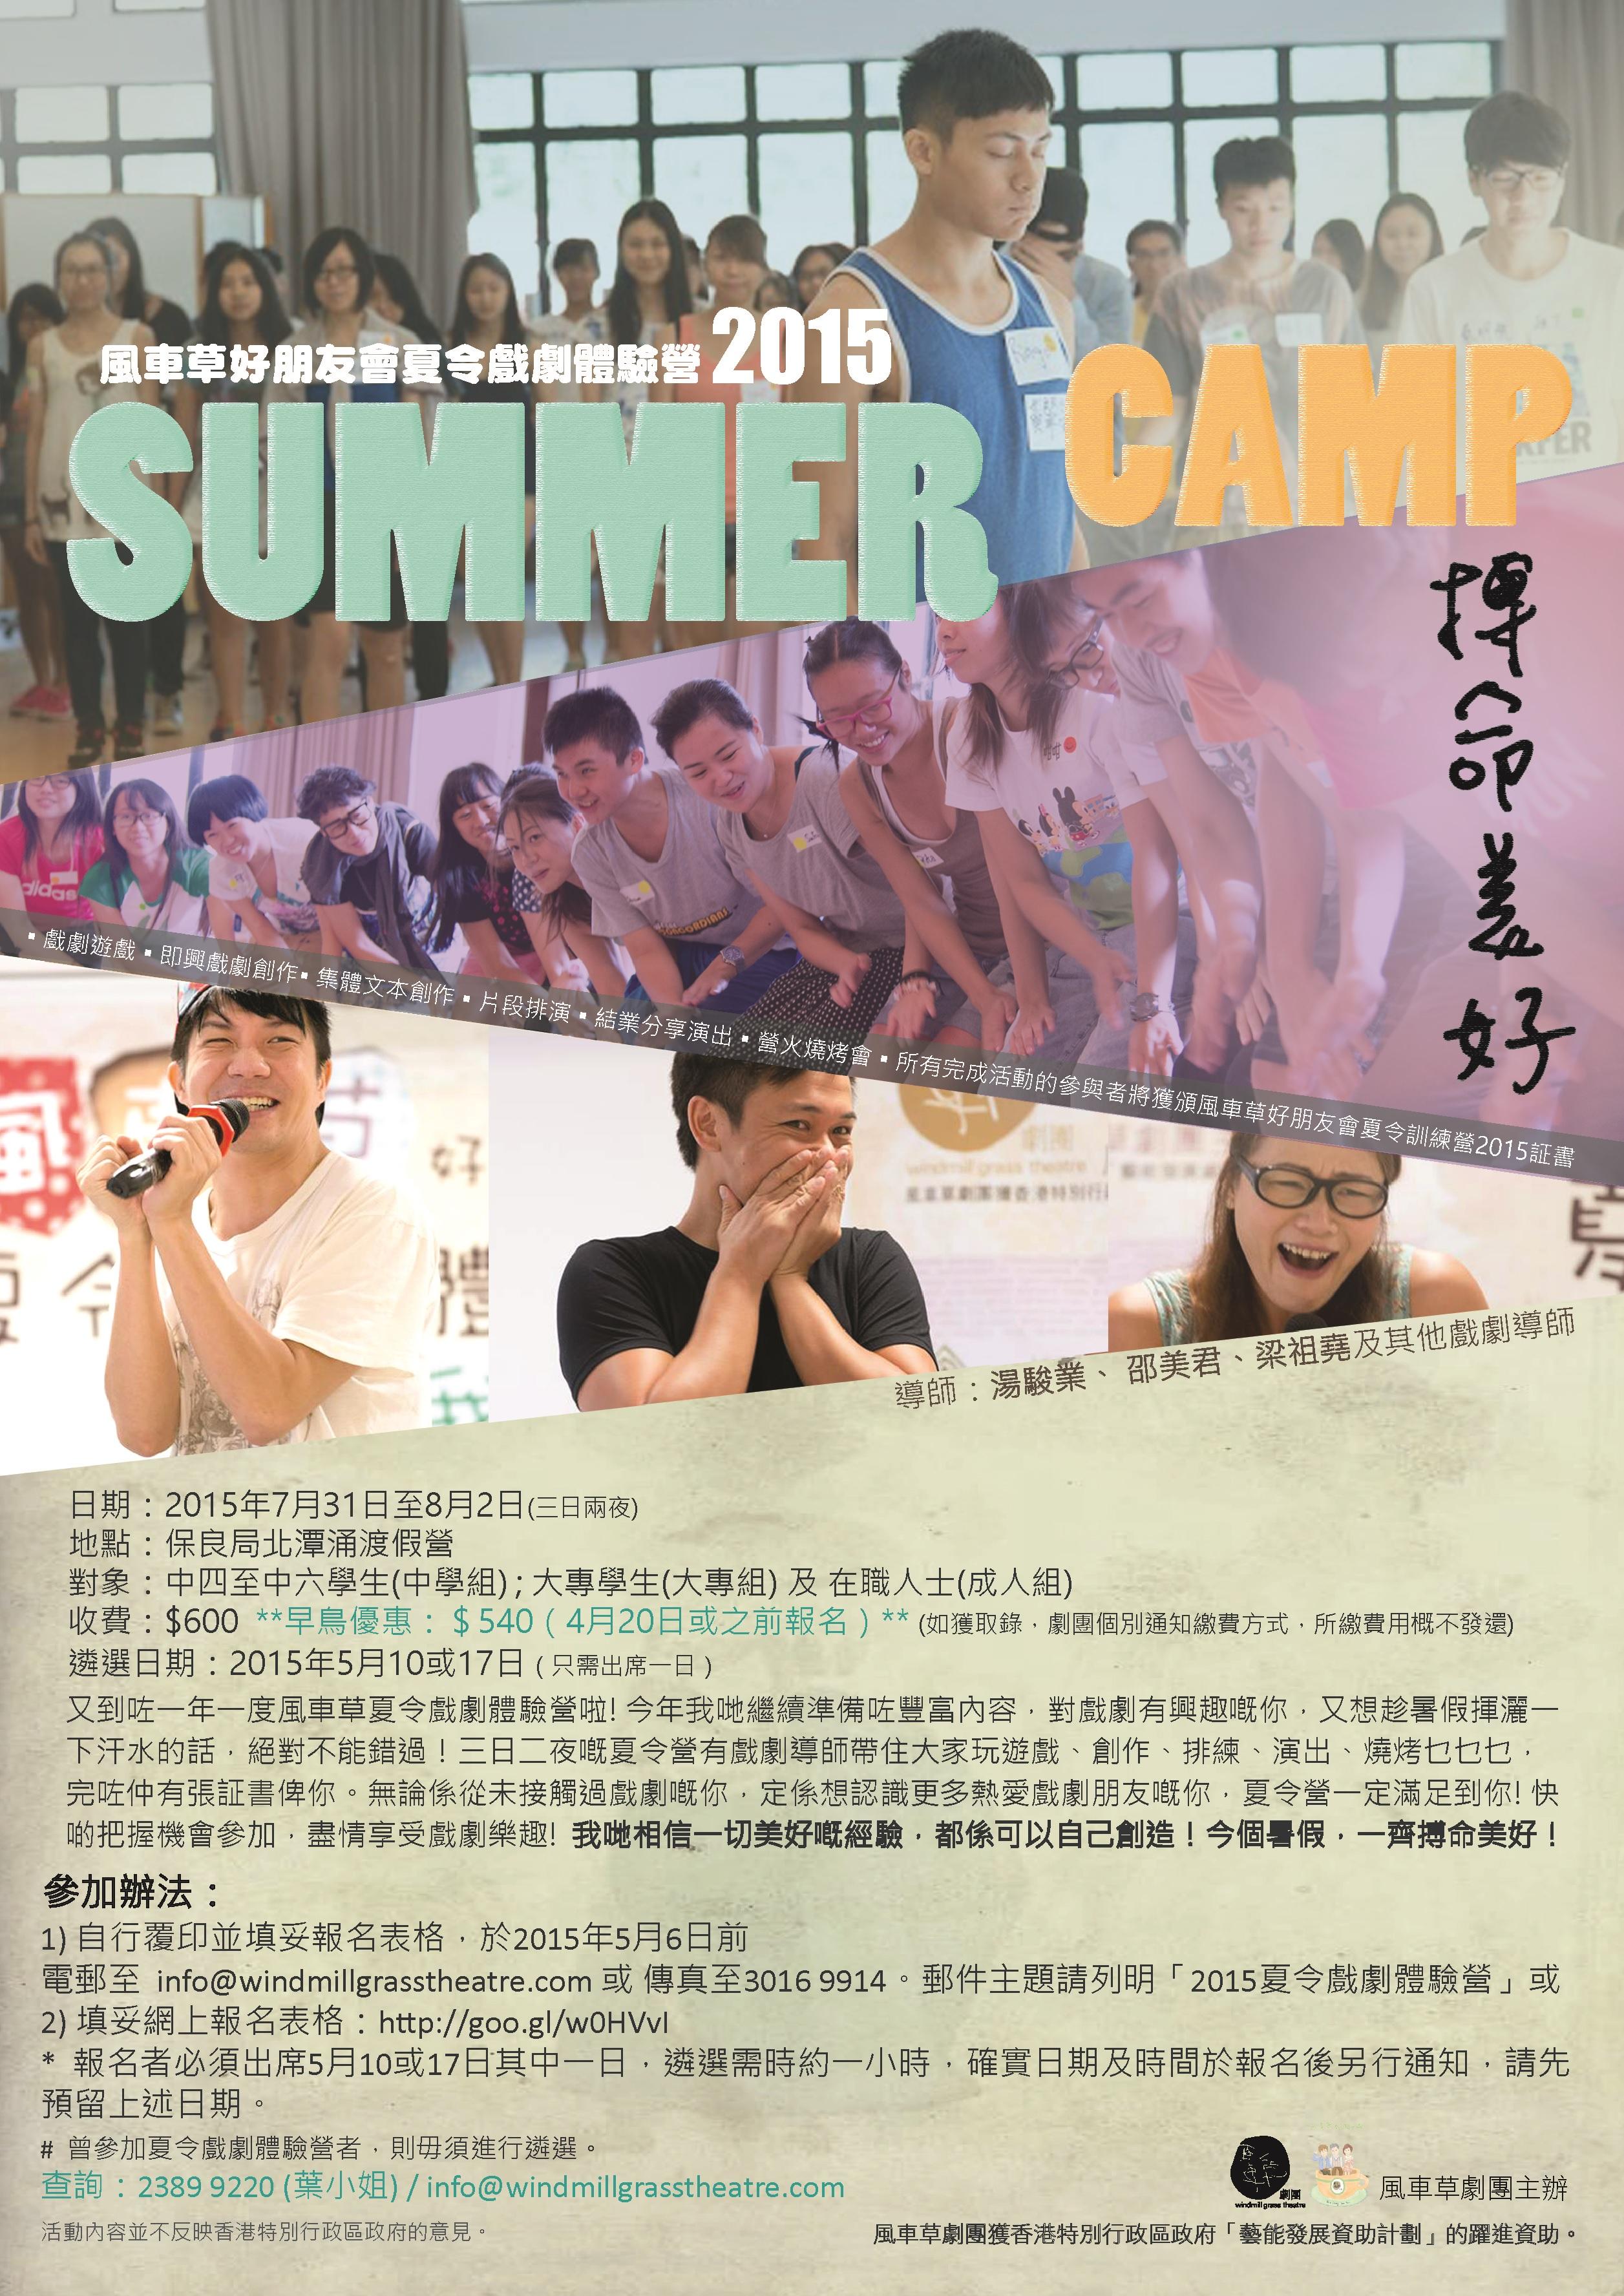 風車草好朋友會-夏令戲劇體驗營2015